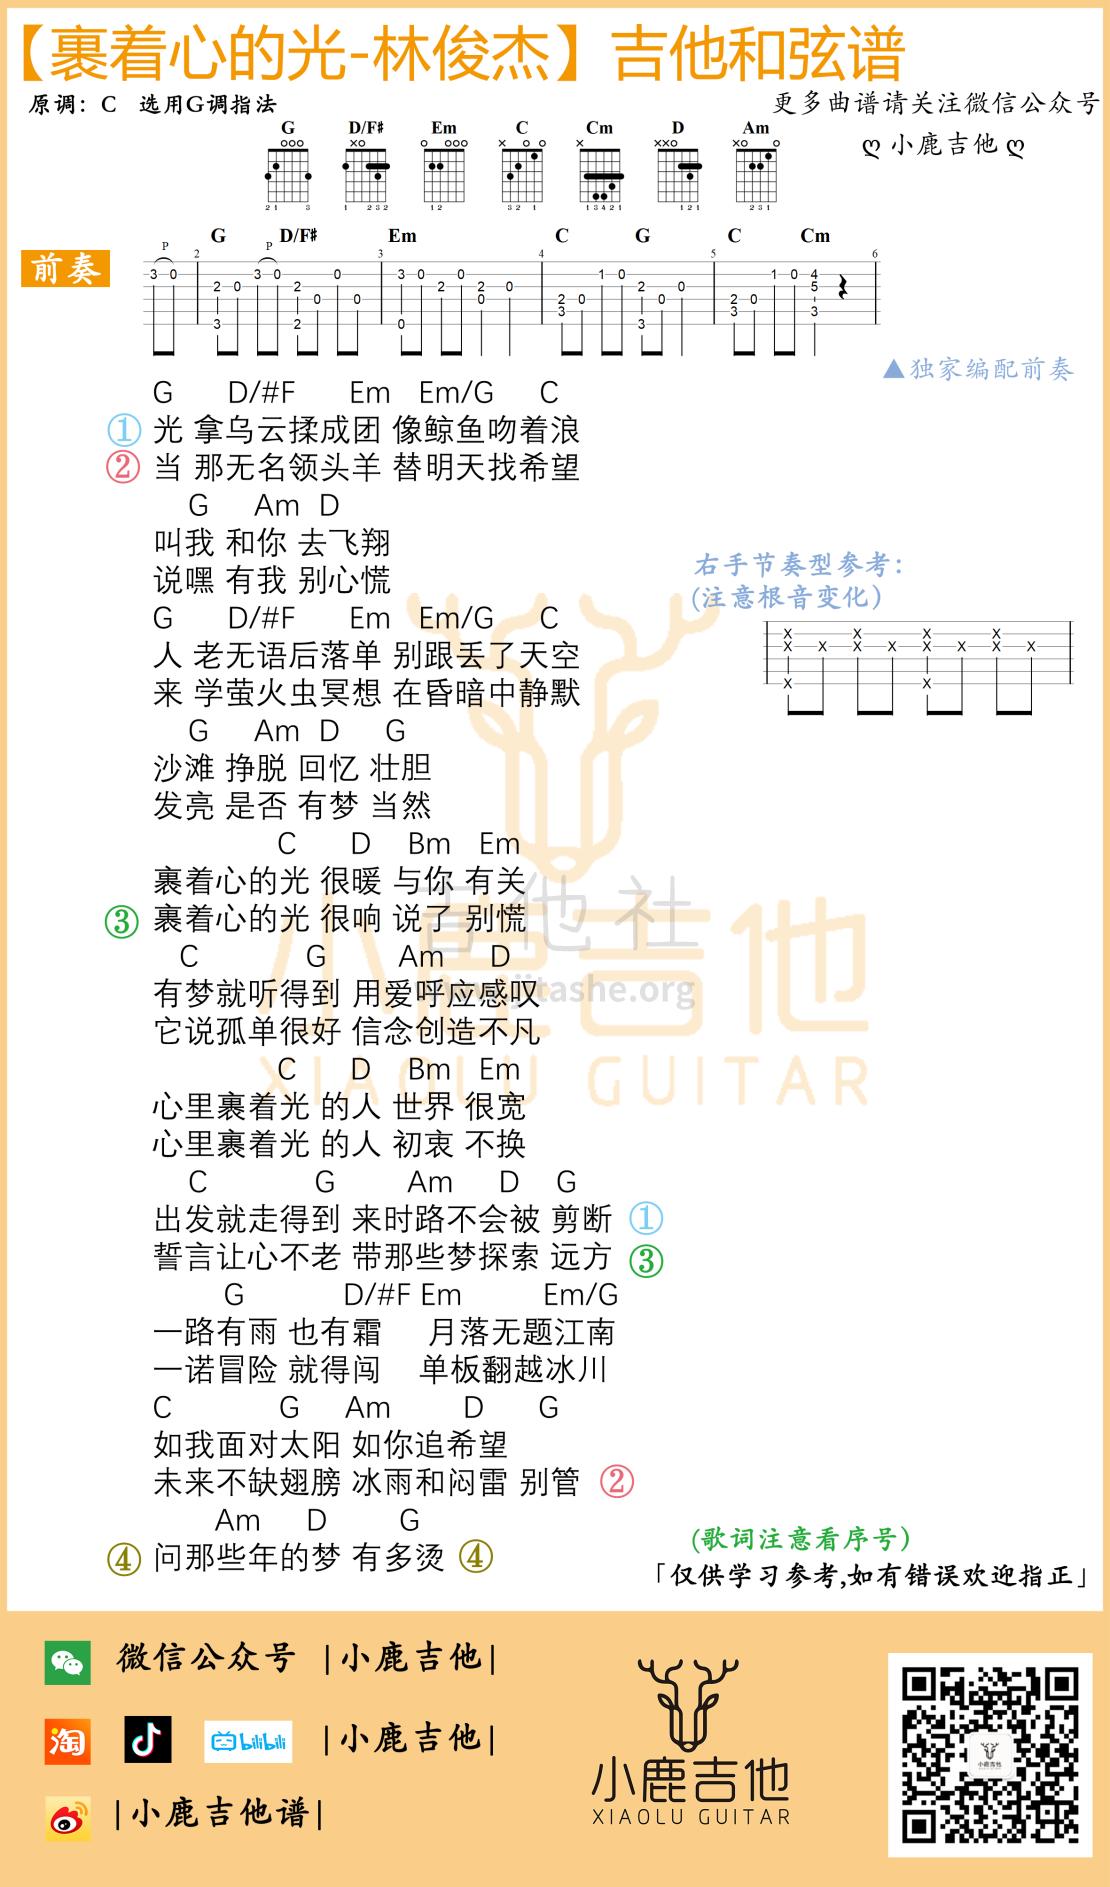 裹着心的光(独家前奏 G调指法编配- 小鹿吉他制作)吉他谱(图片谱)_林俊杰(JJ)_裹着心的光.png